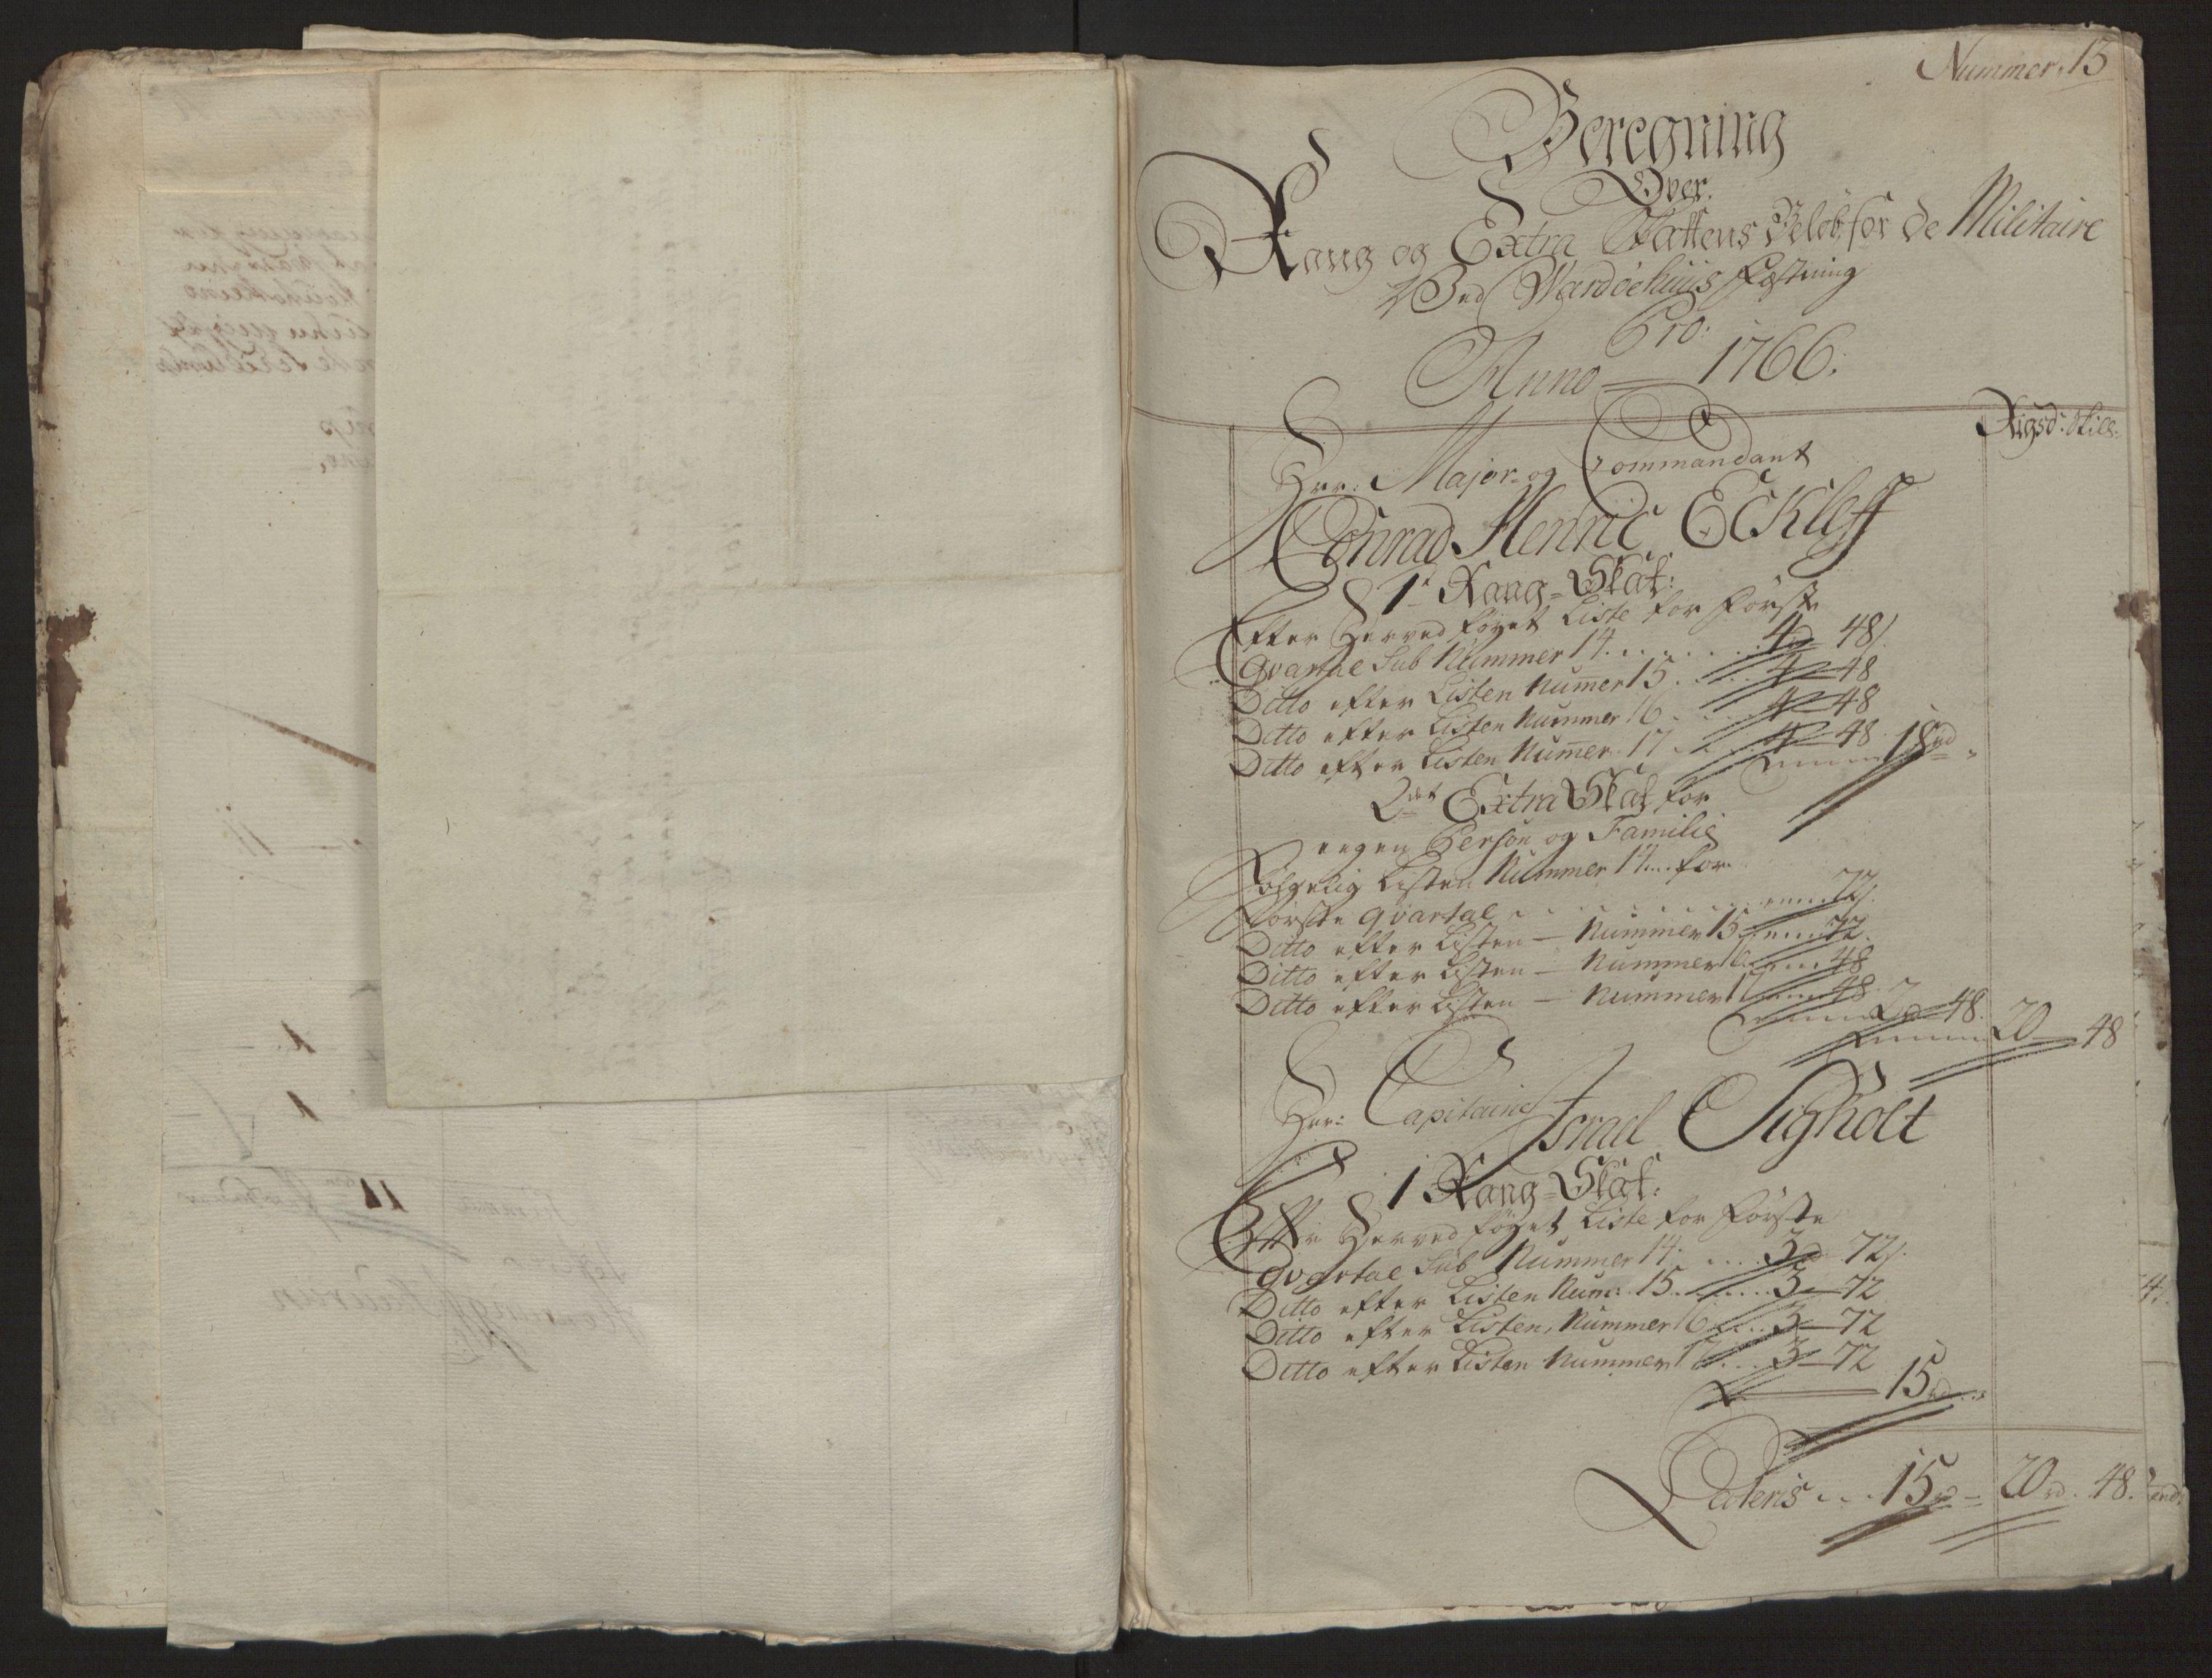 RA, Rentekammeret inntil 1814, Reviderte regnskaper, Fogderegnskap, R69/L4910: Ekstraskatten  Finnmark/Vardøhus, 1762-1772, s. 198